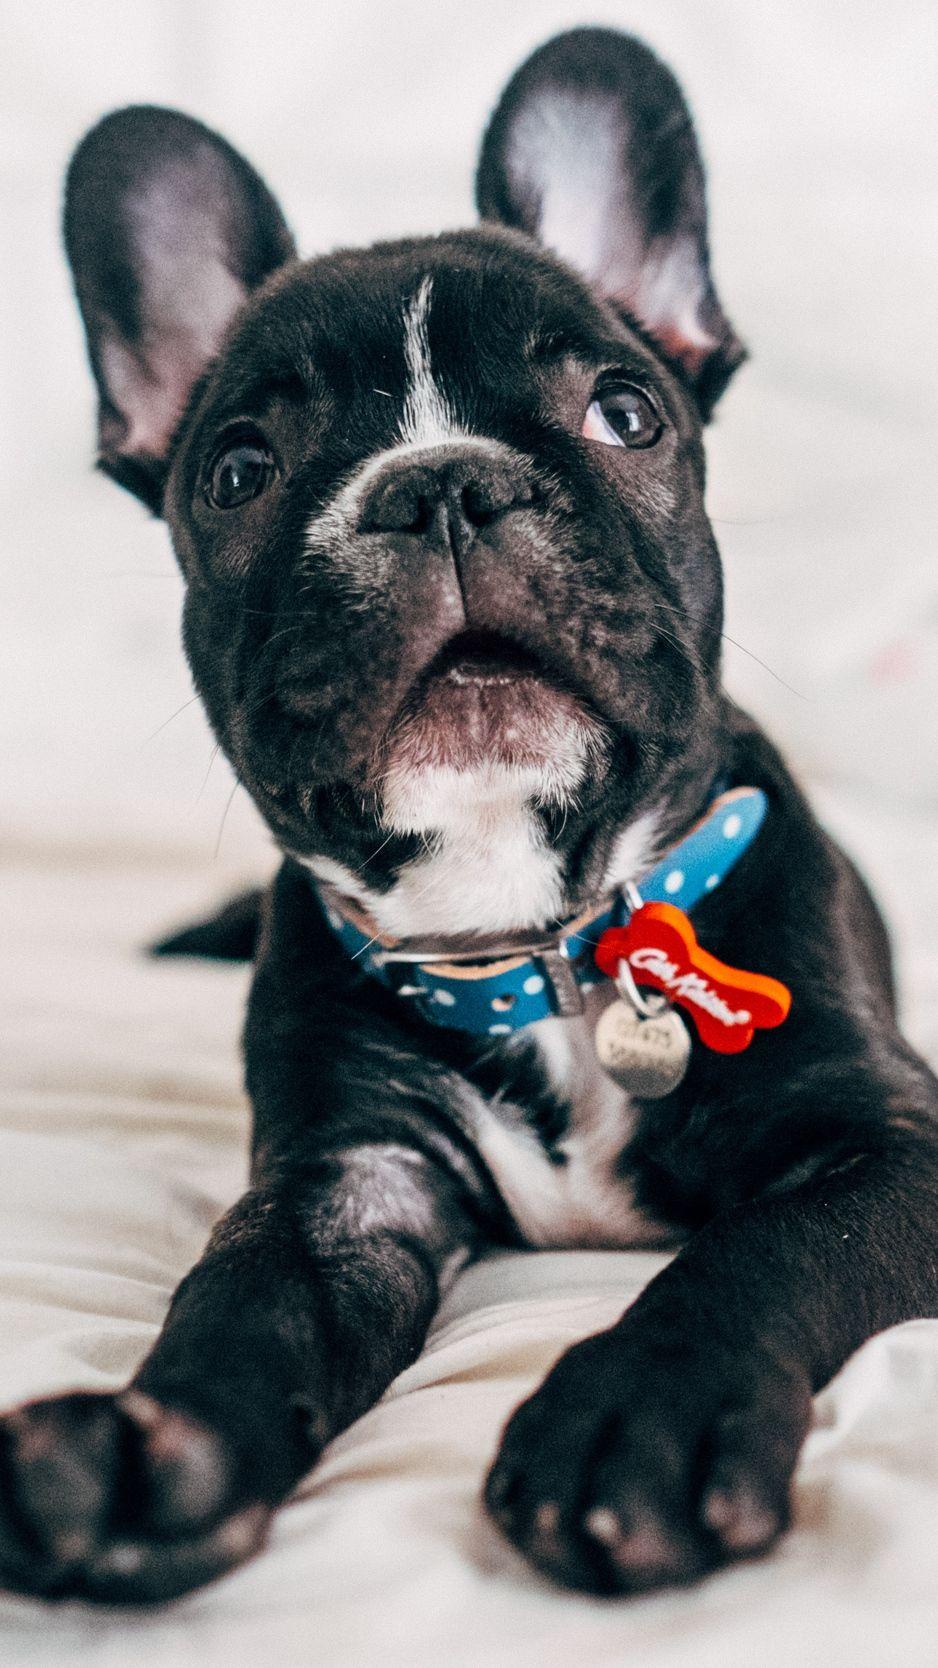 Pin by Halvy on Cuties Puppies, Bulldog puppies, Bulldog